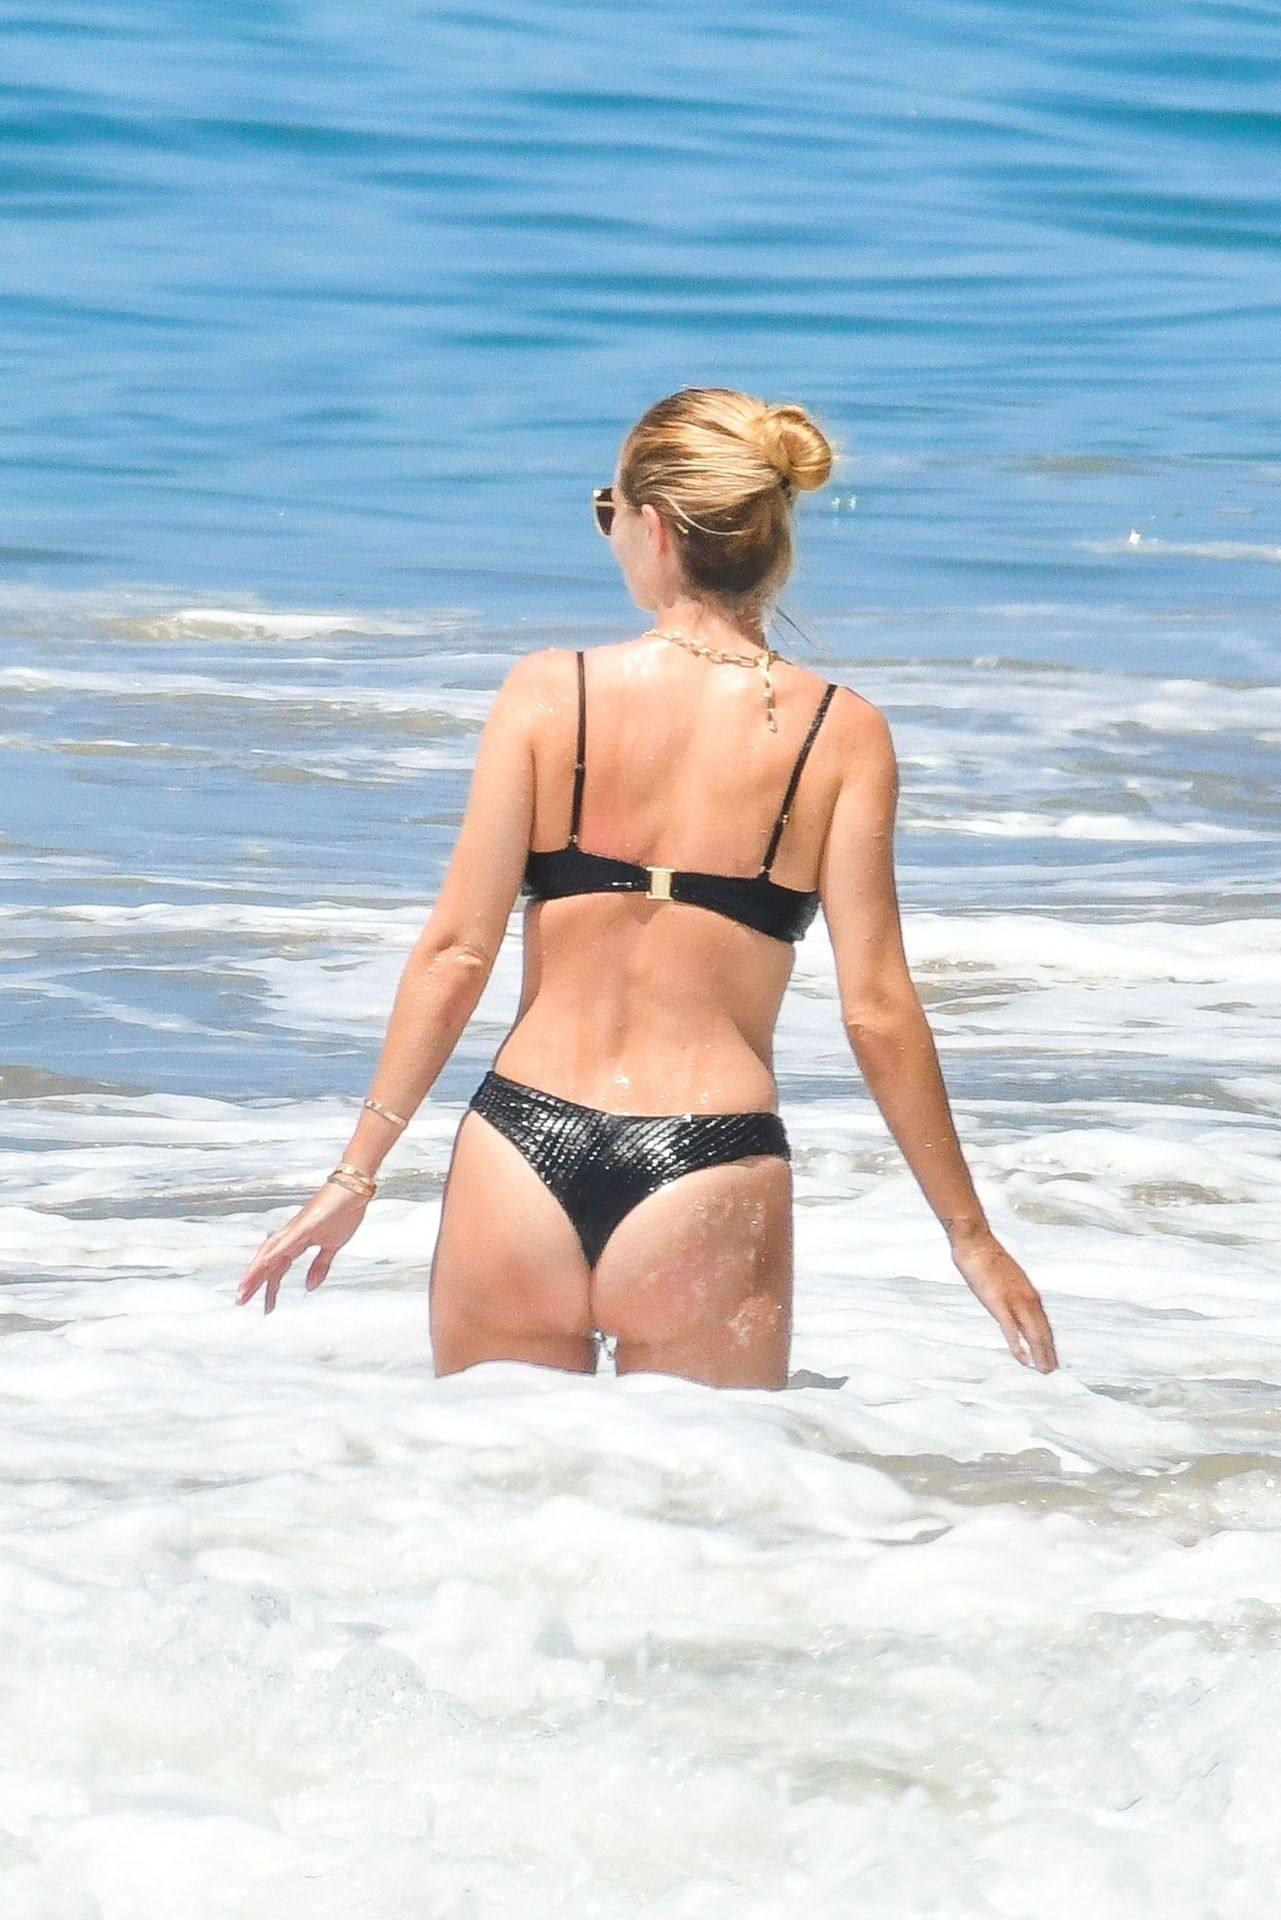 Rosie Huntington Whiteley – Beautiful Ass In Thong Bikini In Malibu 0019